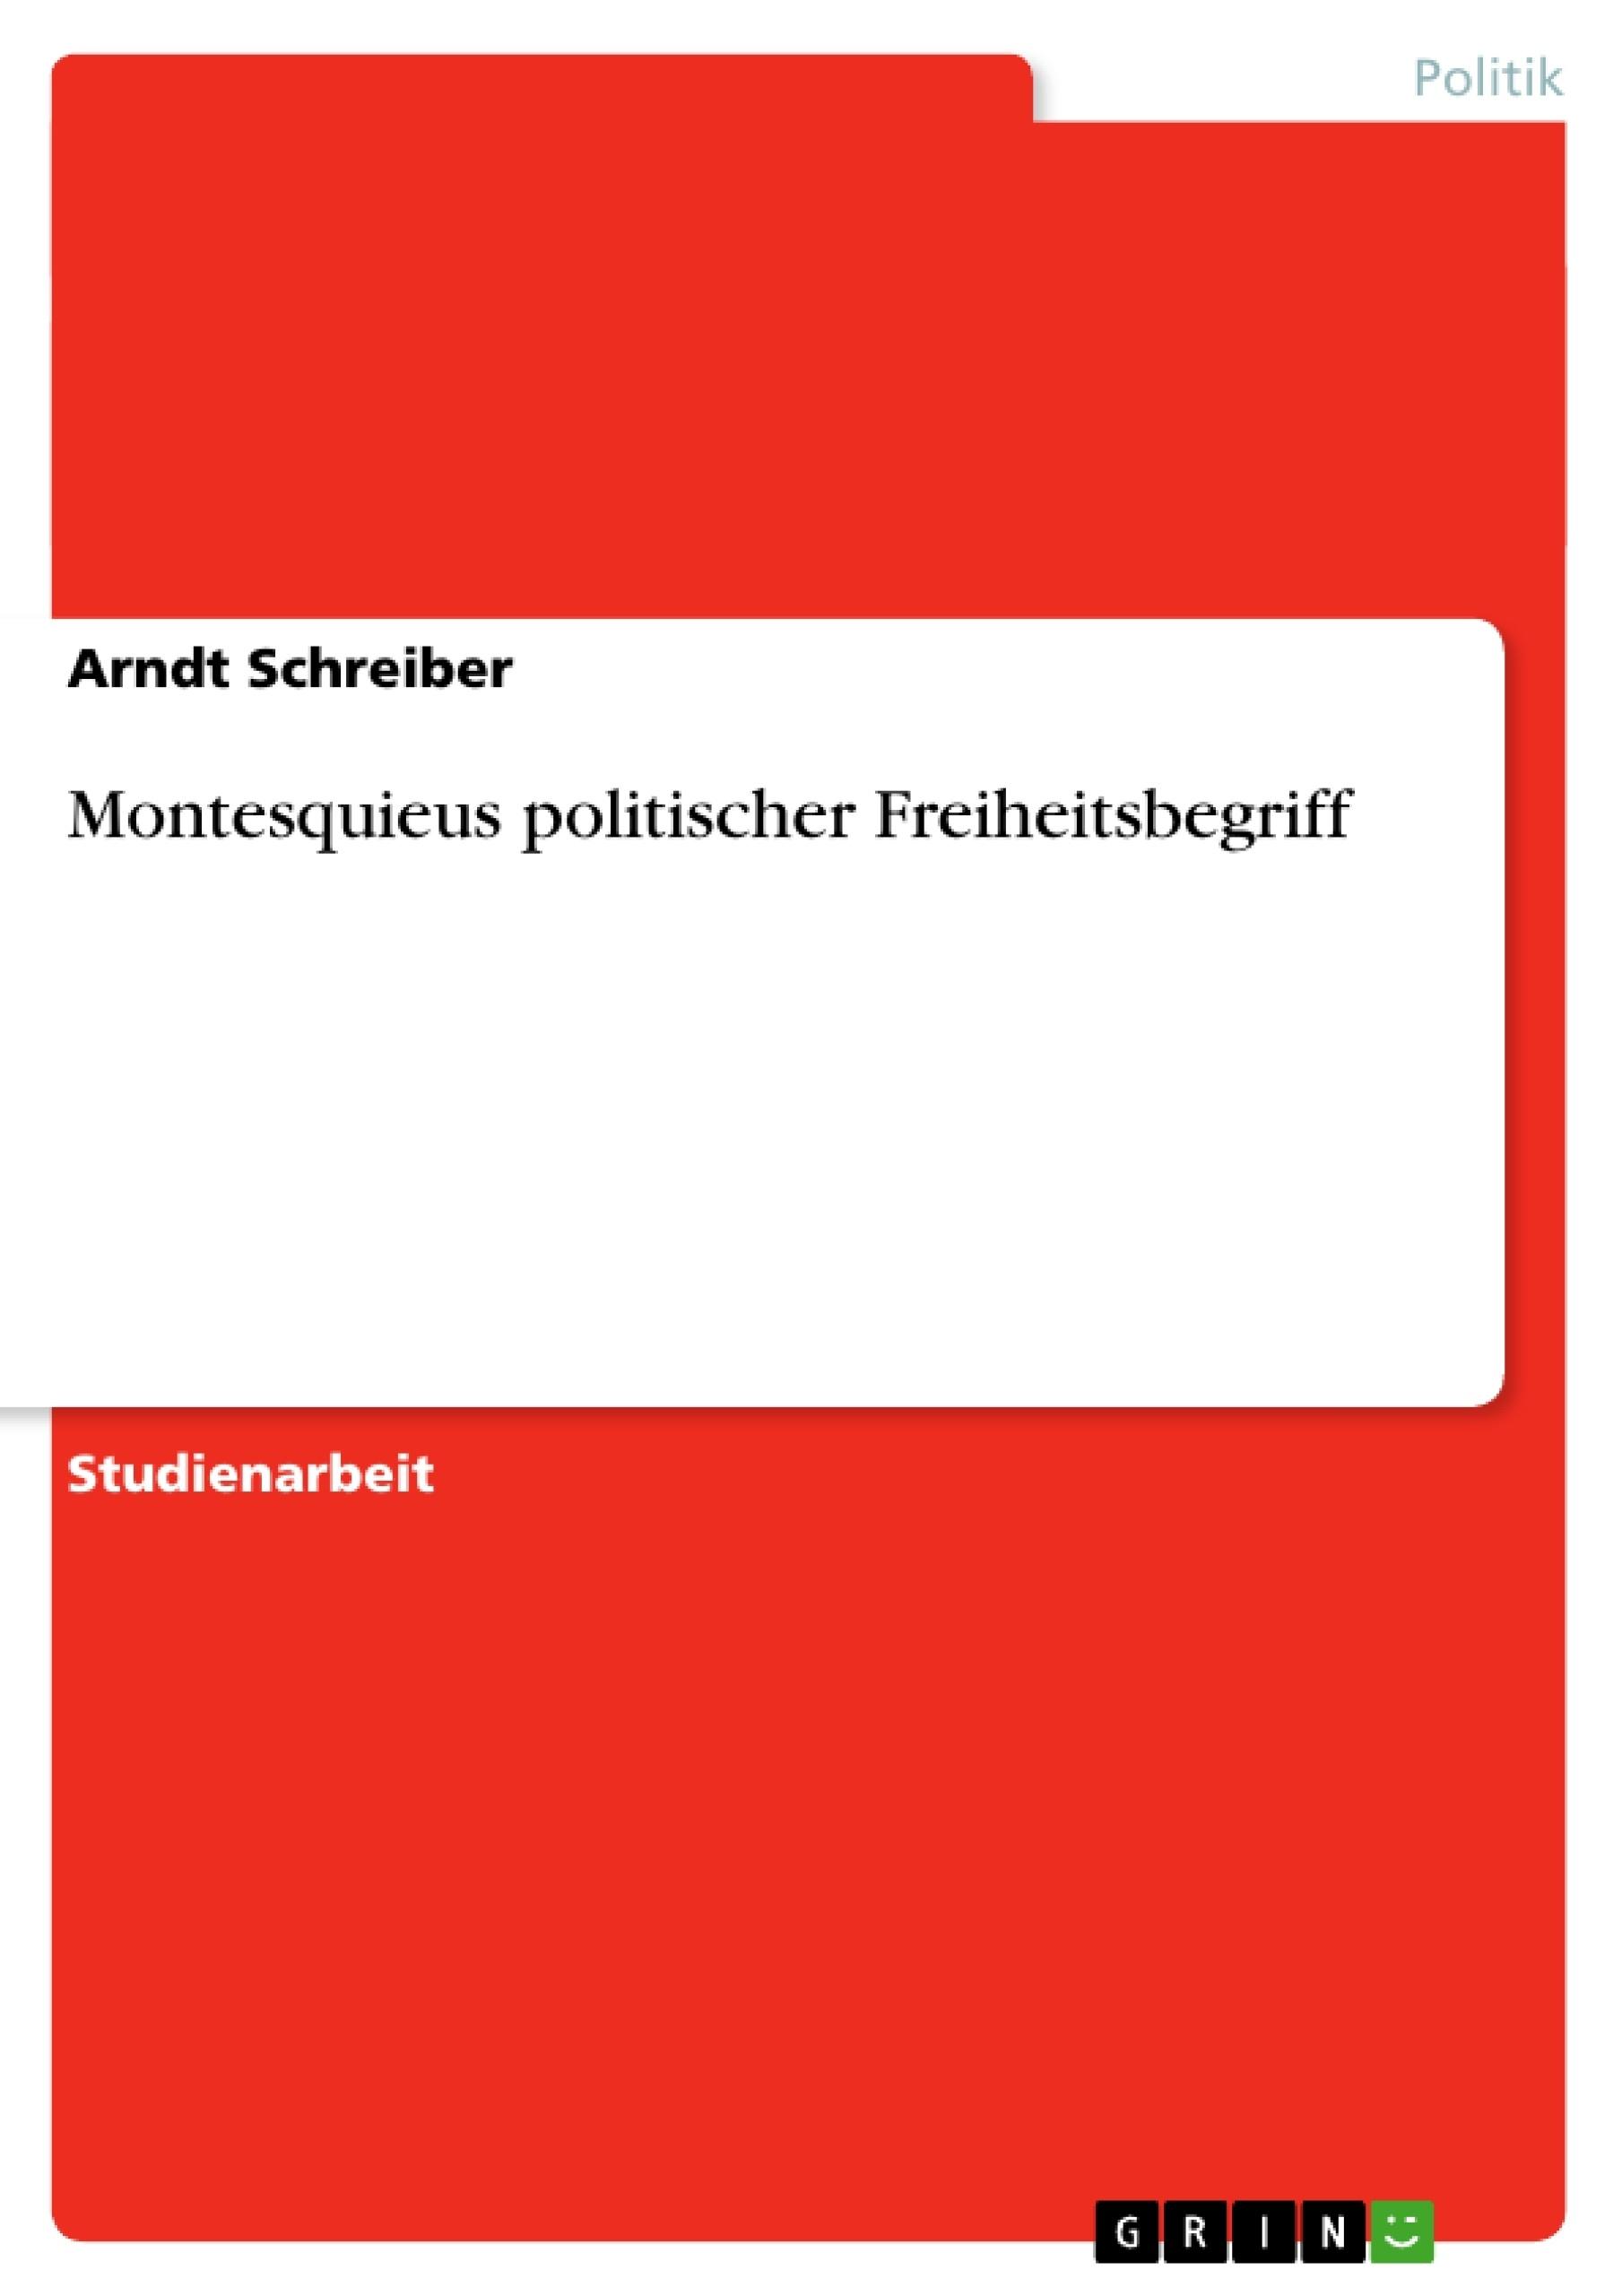 Titel: Montesquieus politischer Freiheitsbegriff